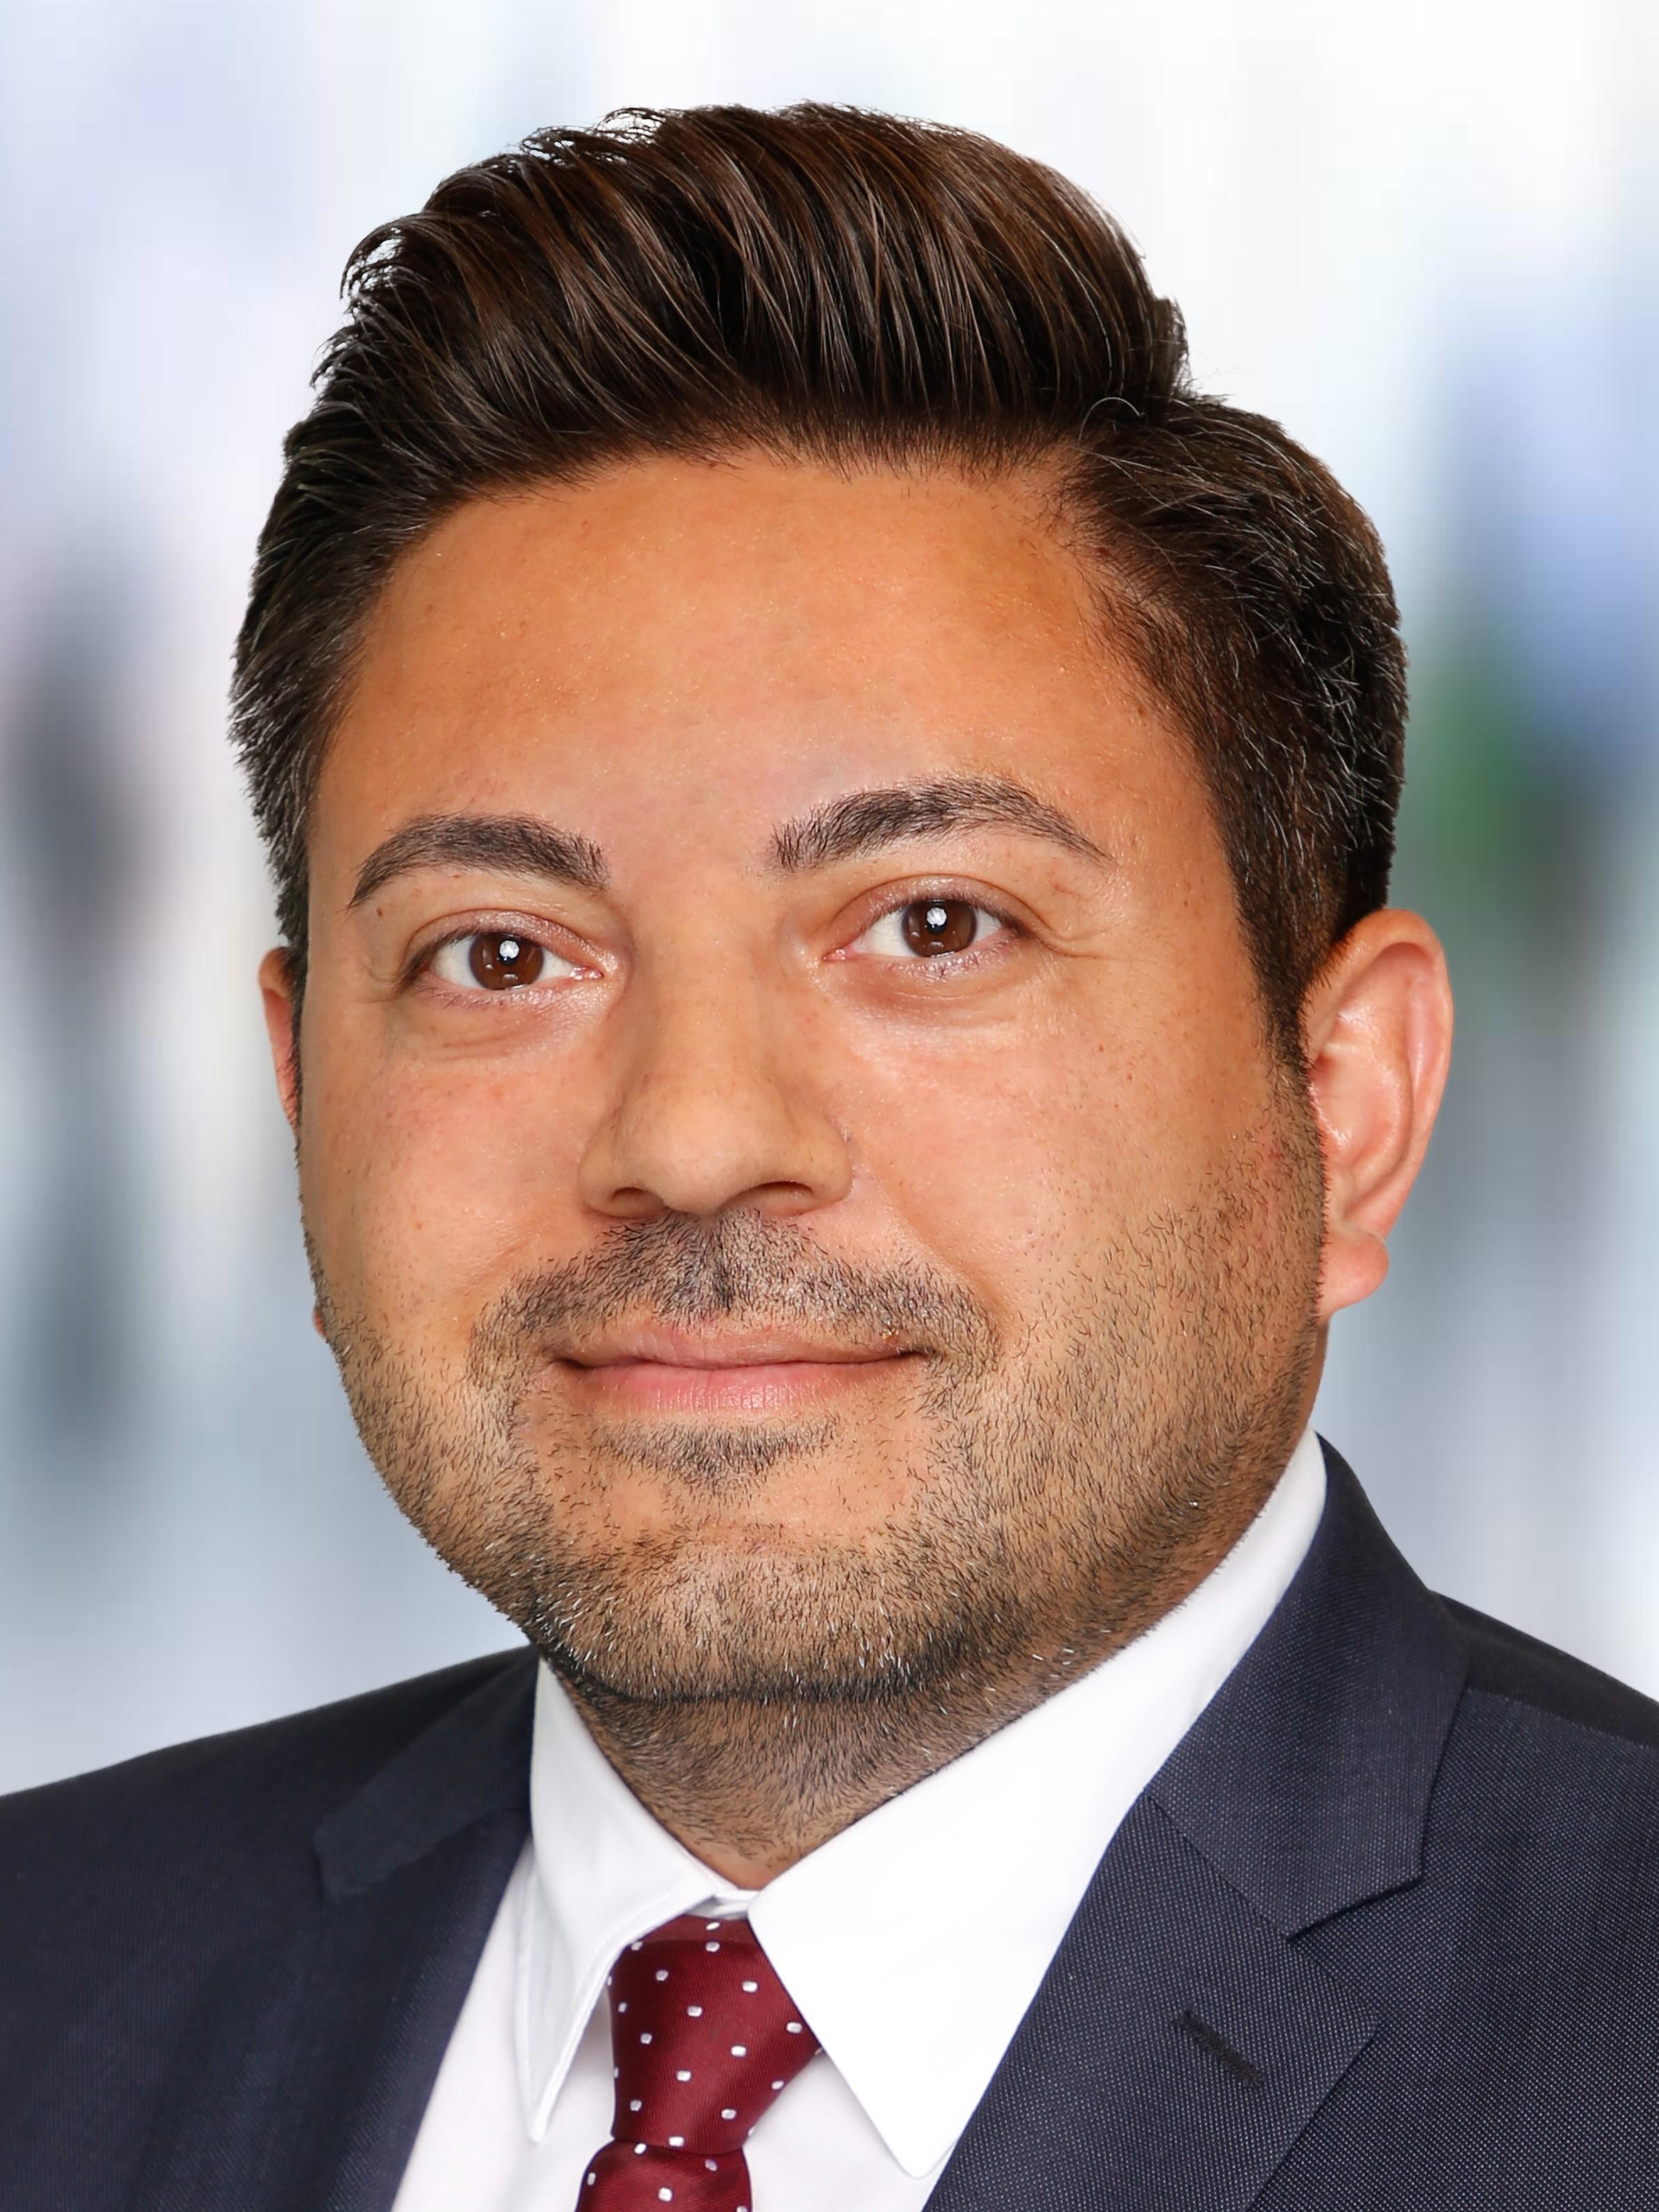 Dr. Köksal Sahin